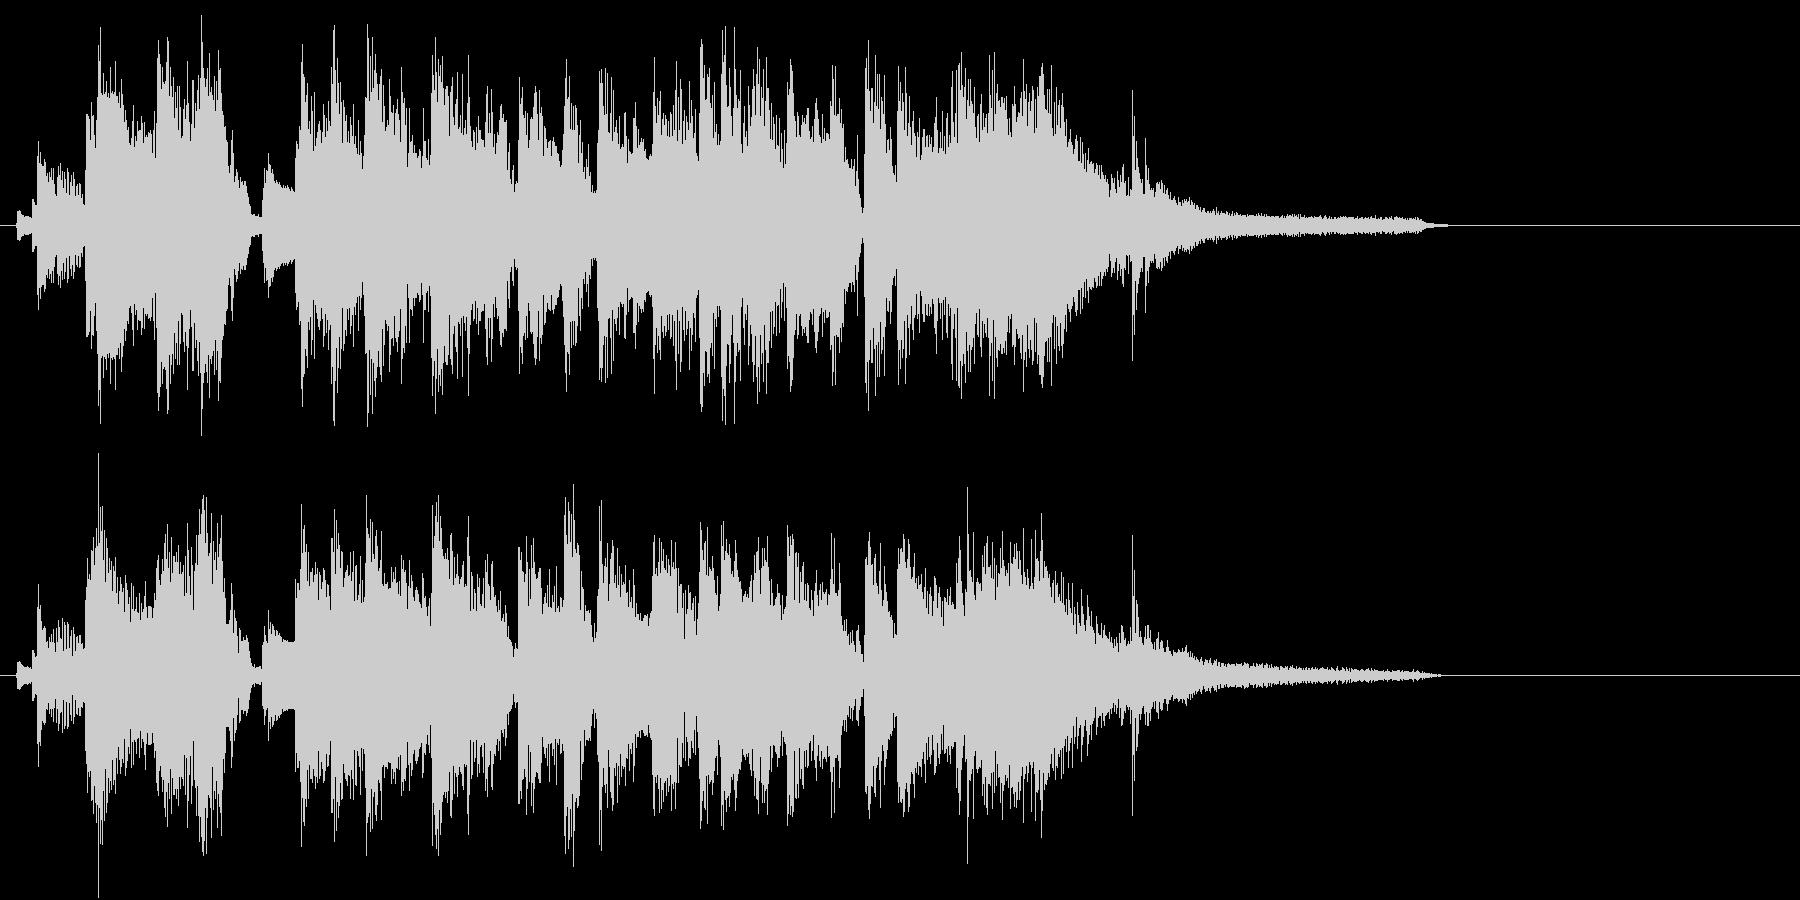 ピアノトリオでのジングル、ロゴ、キャッチの未再生の波形